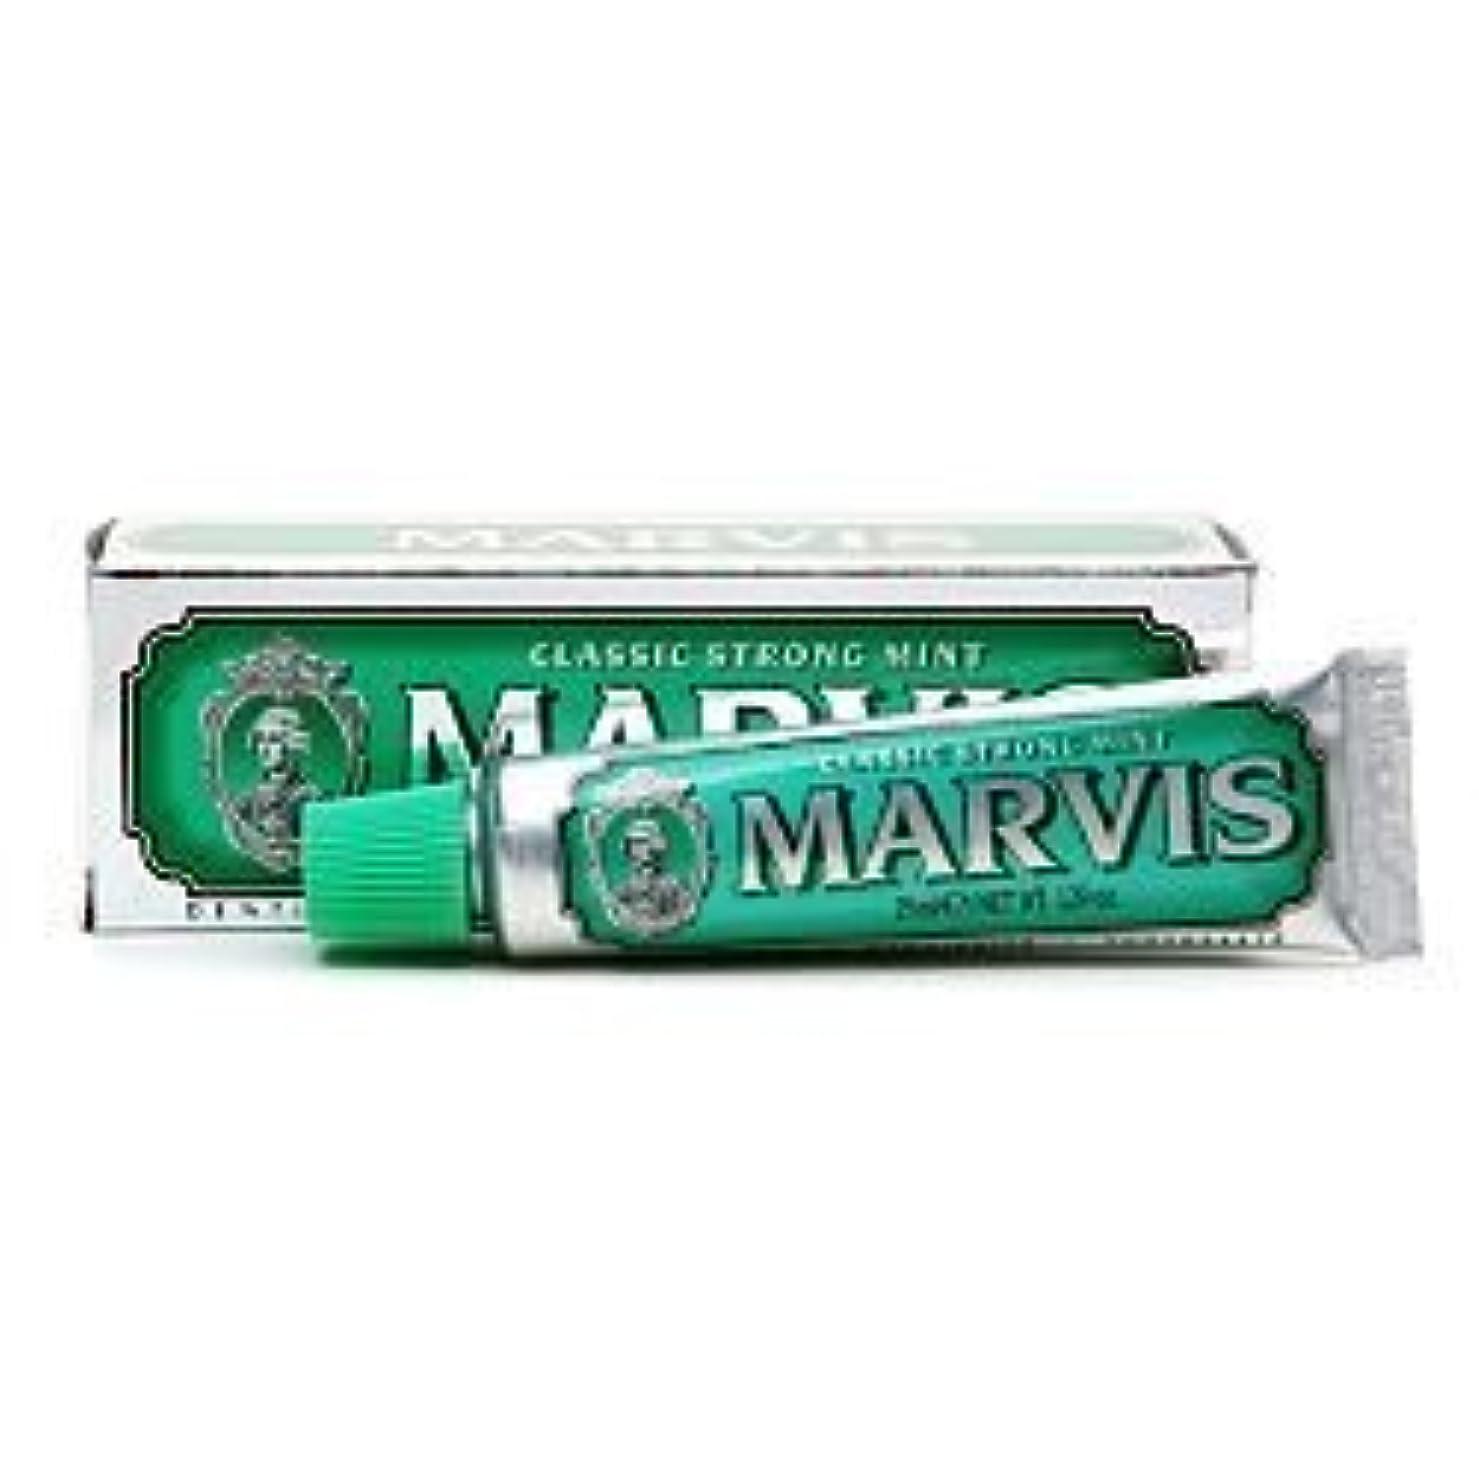 体操選手職業ラベルMarvis Travel Sized Toothpaste, Classic Strong Mint 1.29 oz (25 ml) (Qunatity of 4) by Marvis [並行輸入品]